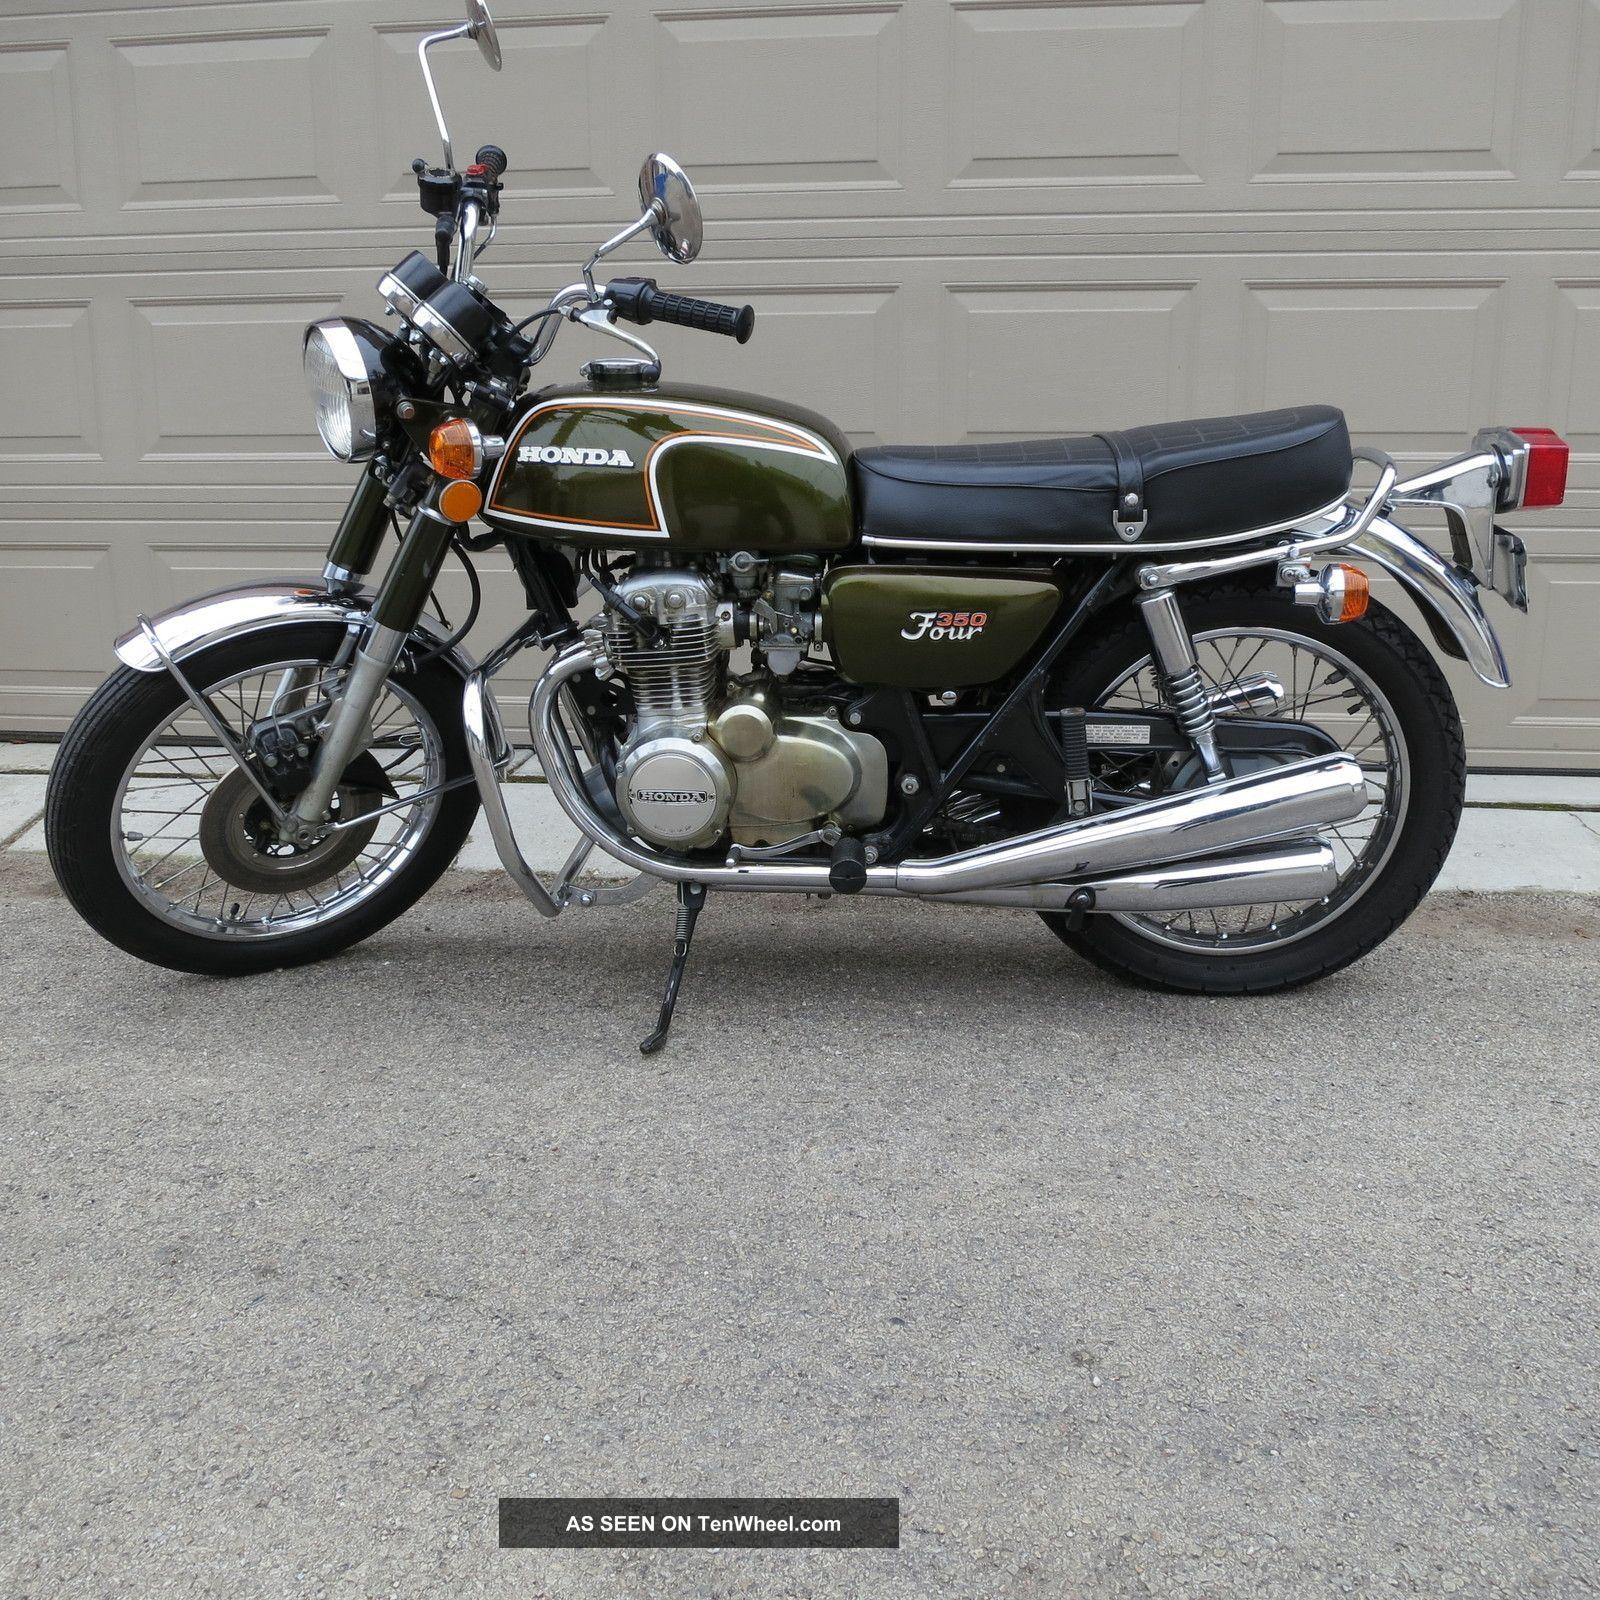 1973 Honda 350 Four 350cc Four Cylinder Rare